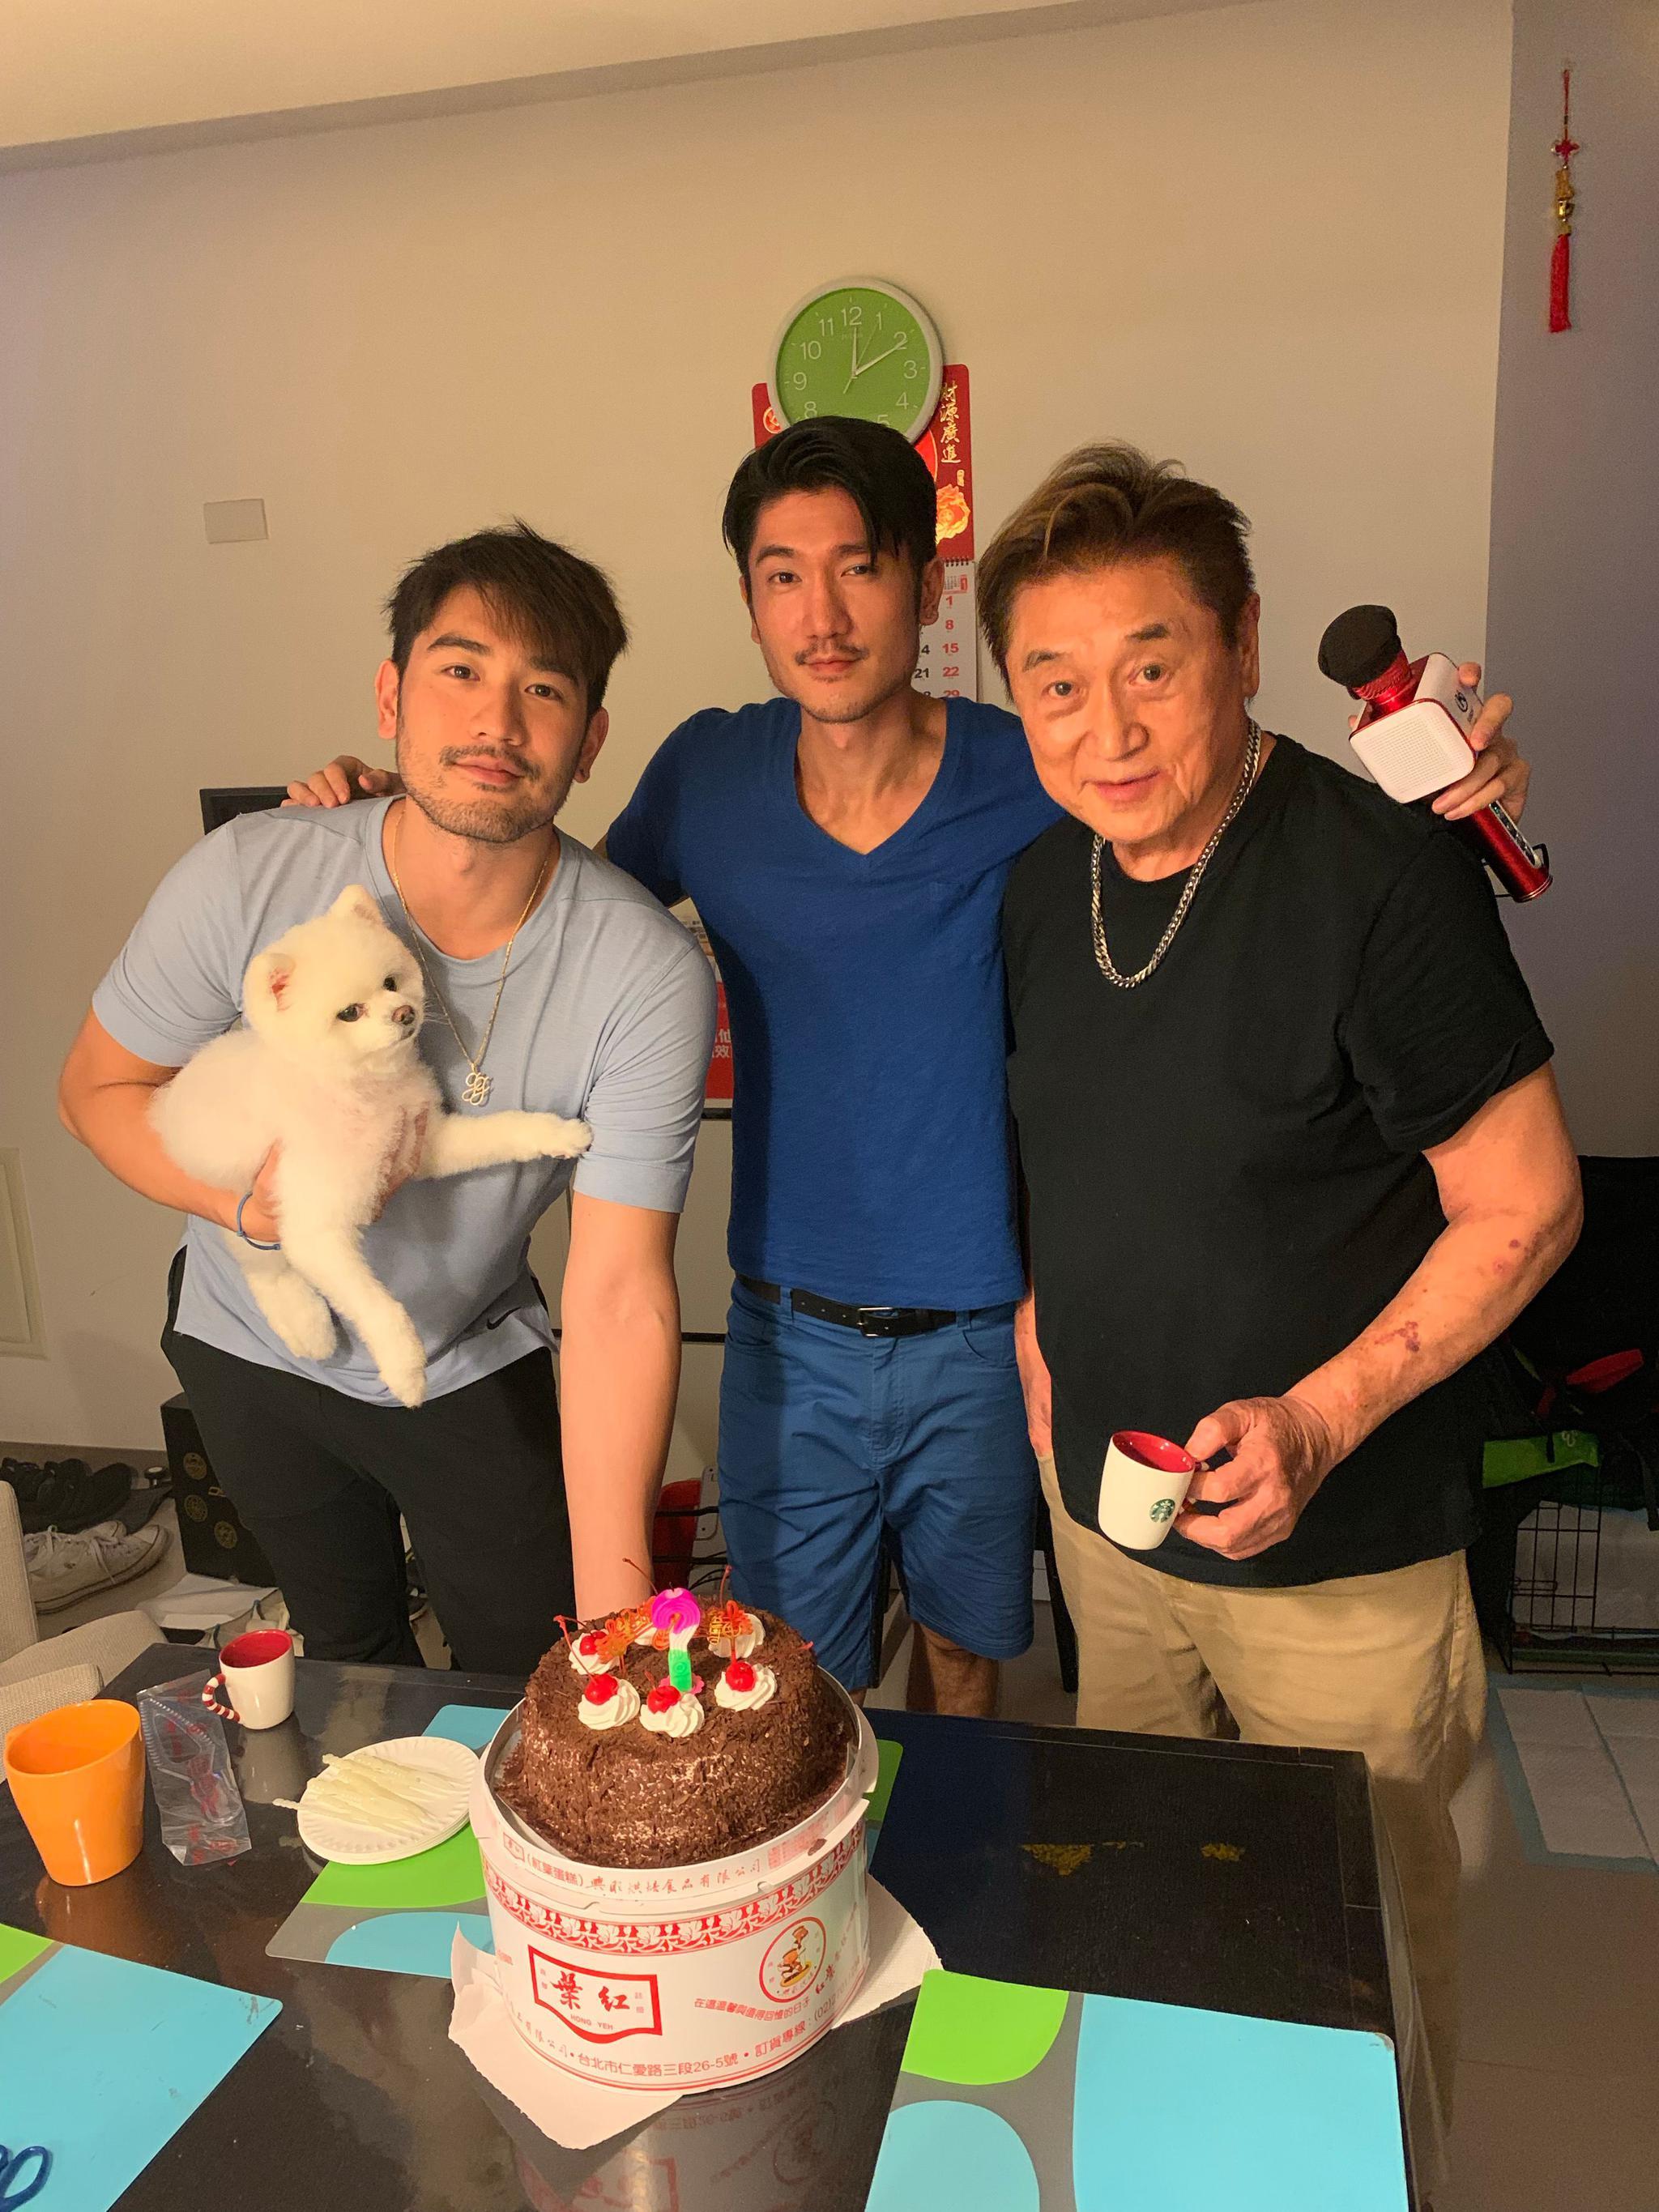 高以翔二哥生日,晒去年与弟弟、父亲庆生时合影图片